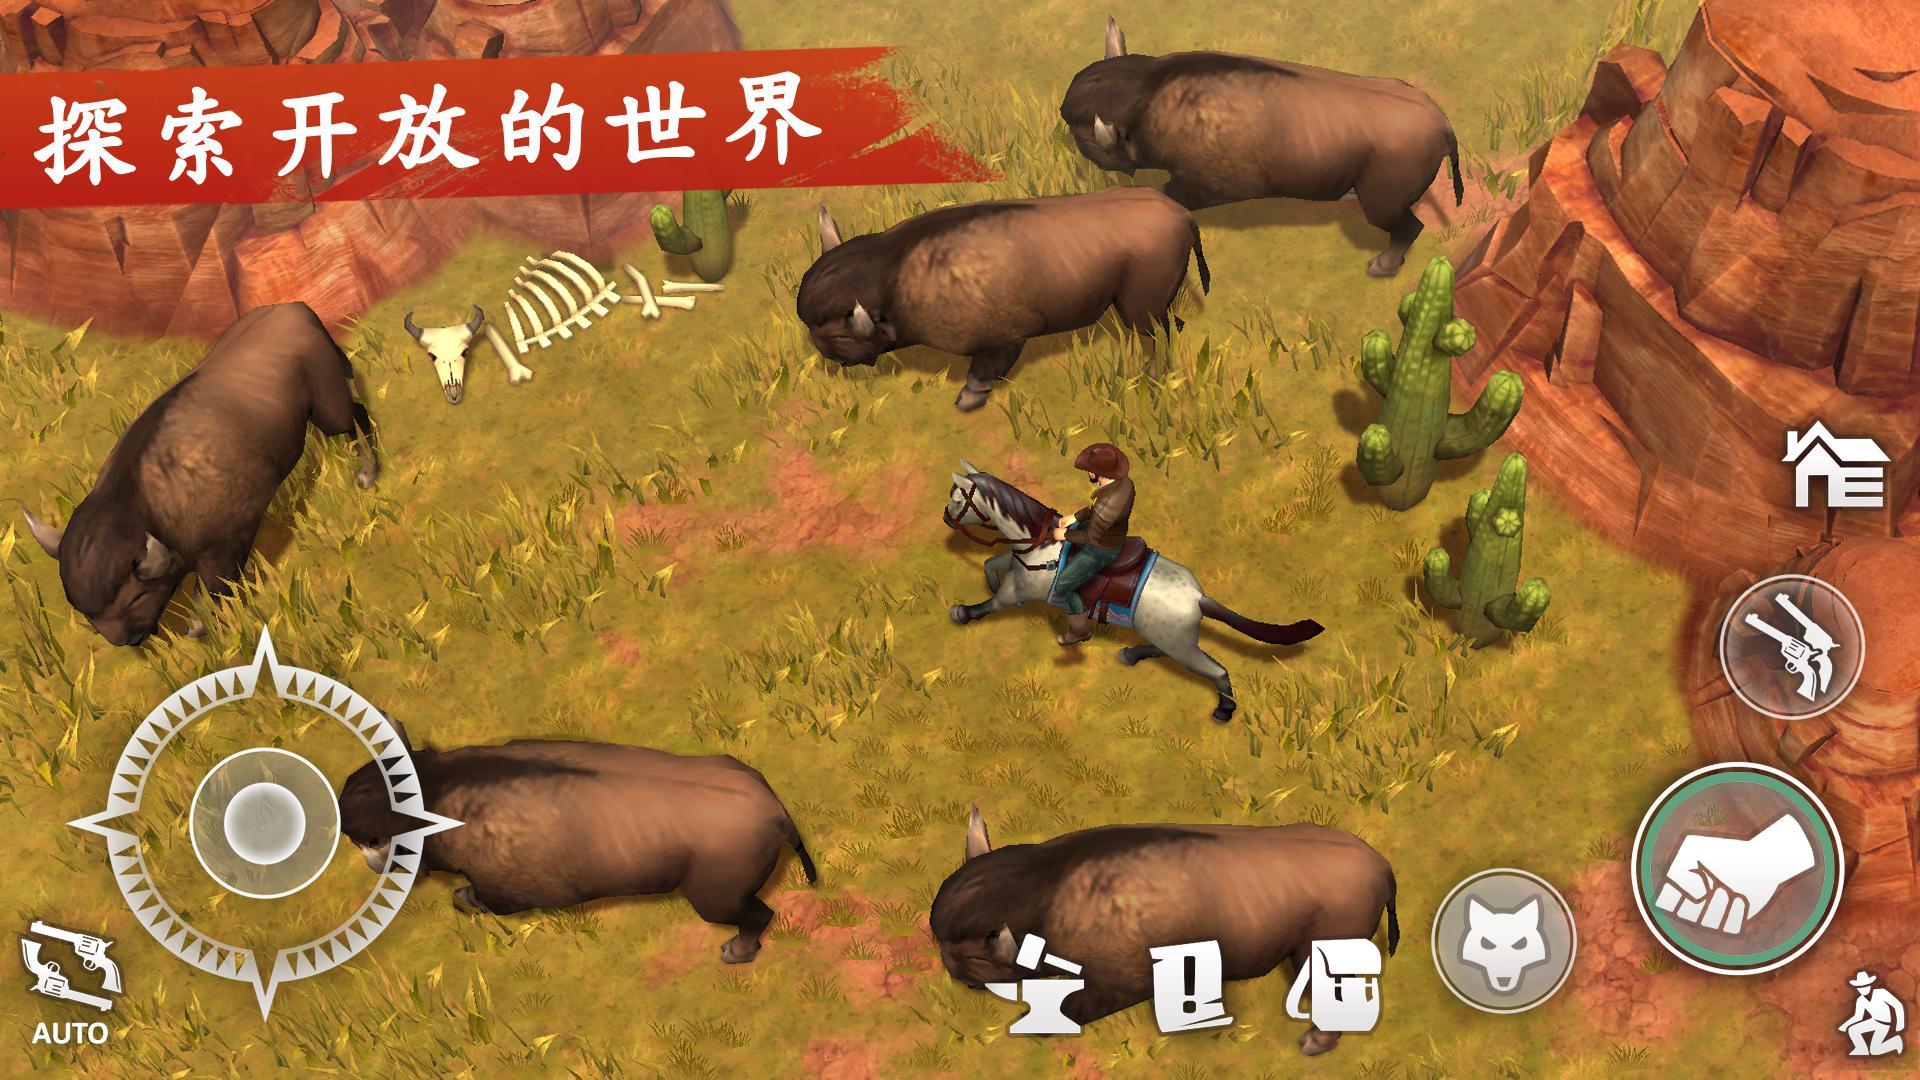 西部世界:生存 游戏截图4